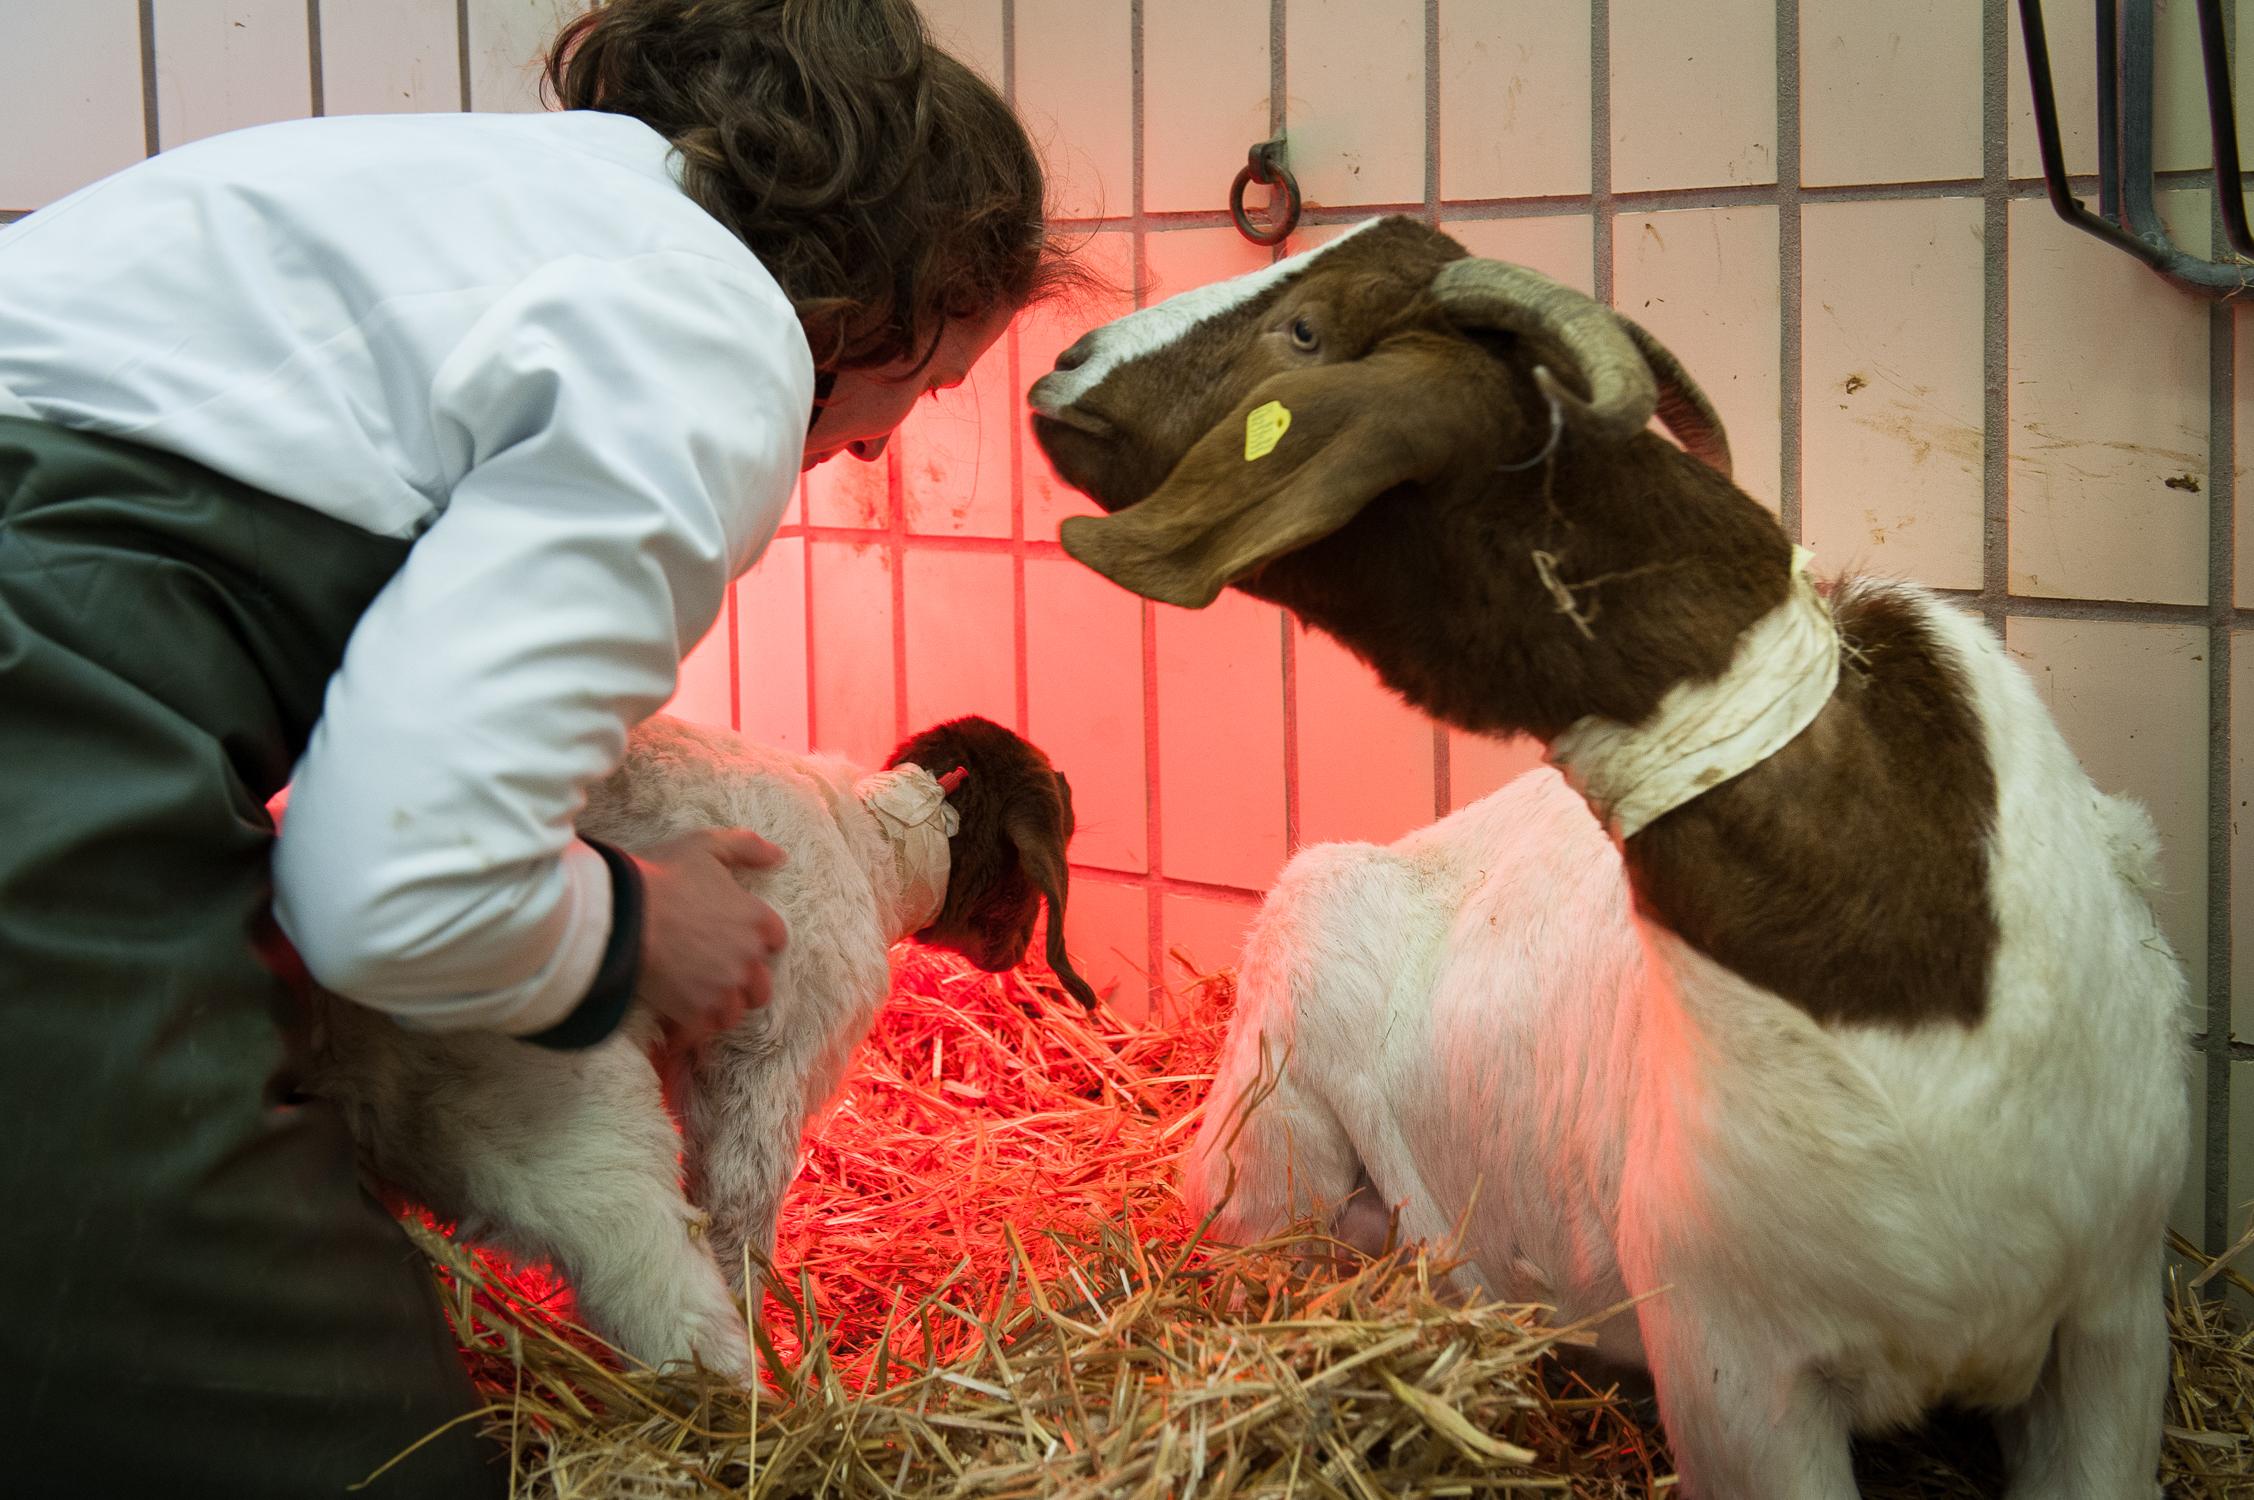 201303 Goat Hospital 10.jpg